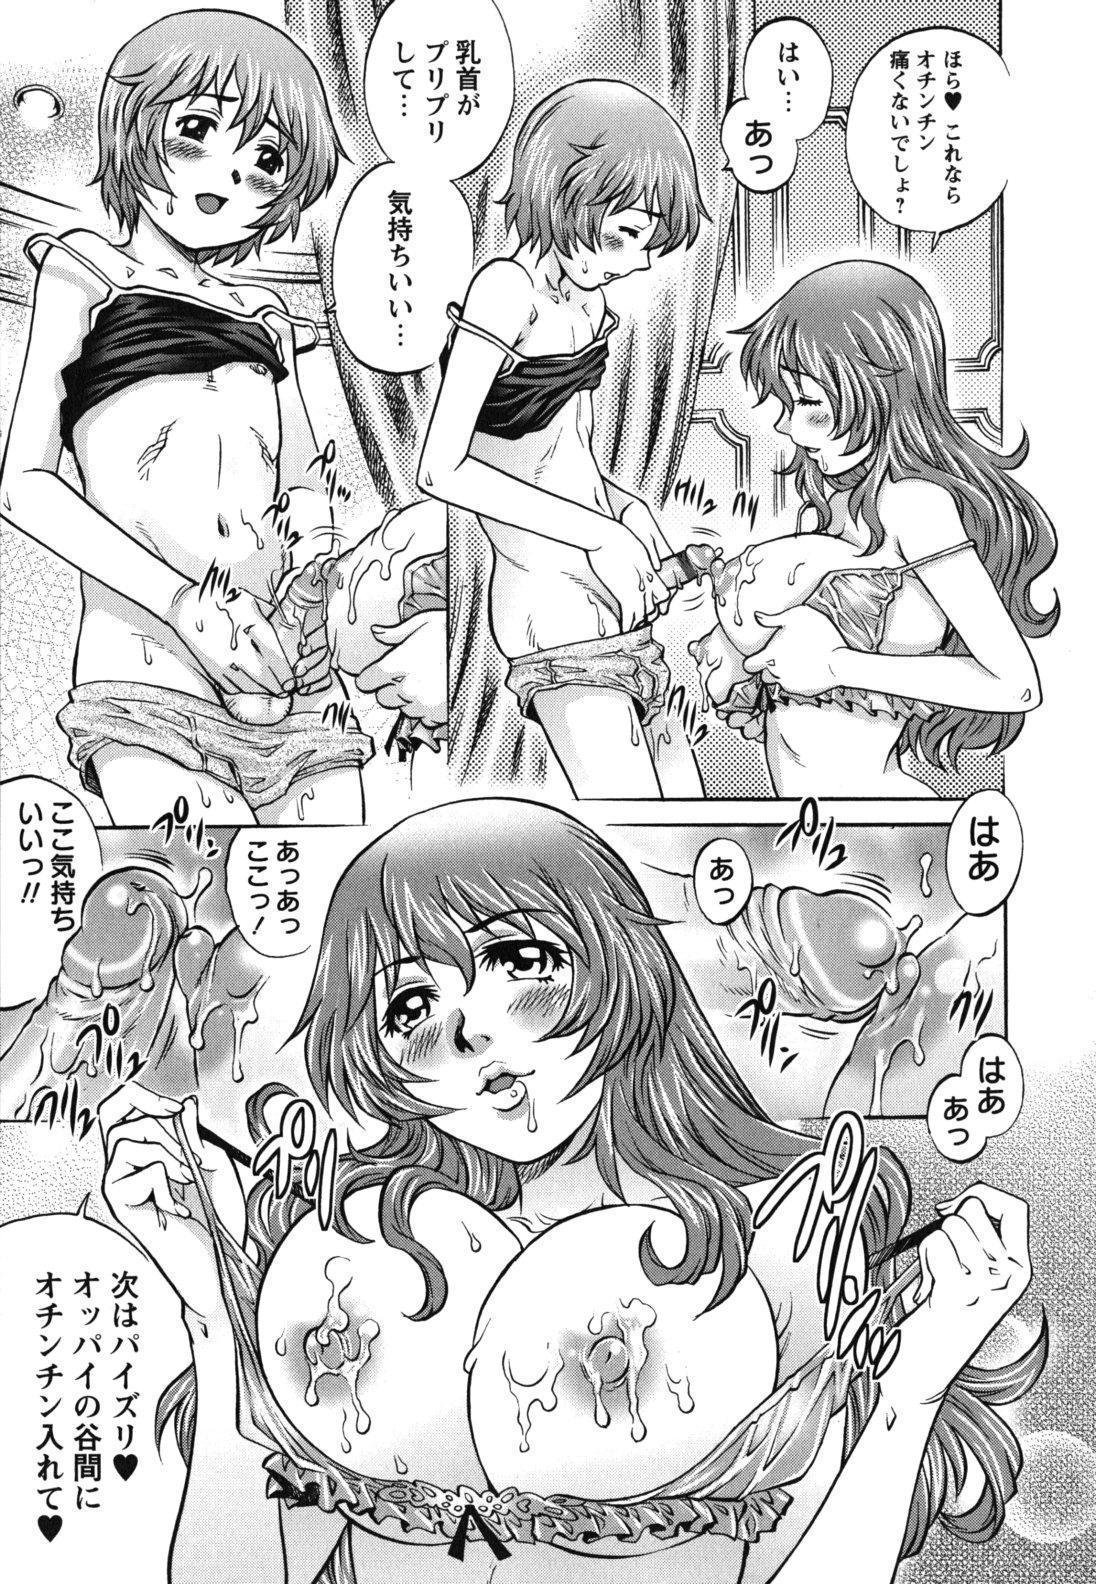 Hajimete no SEX 159